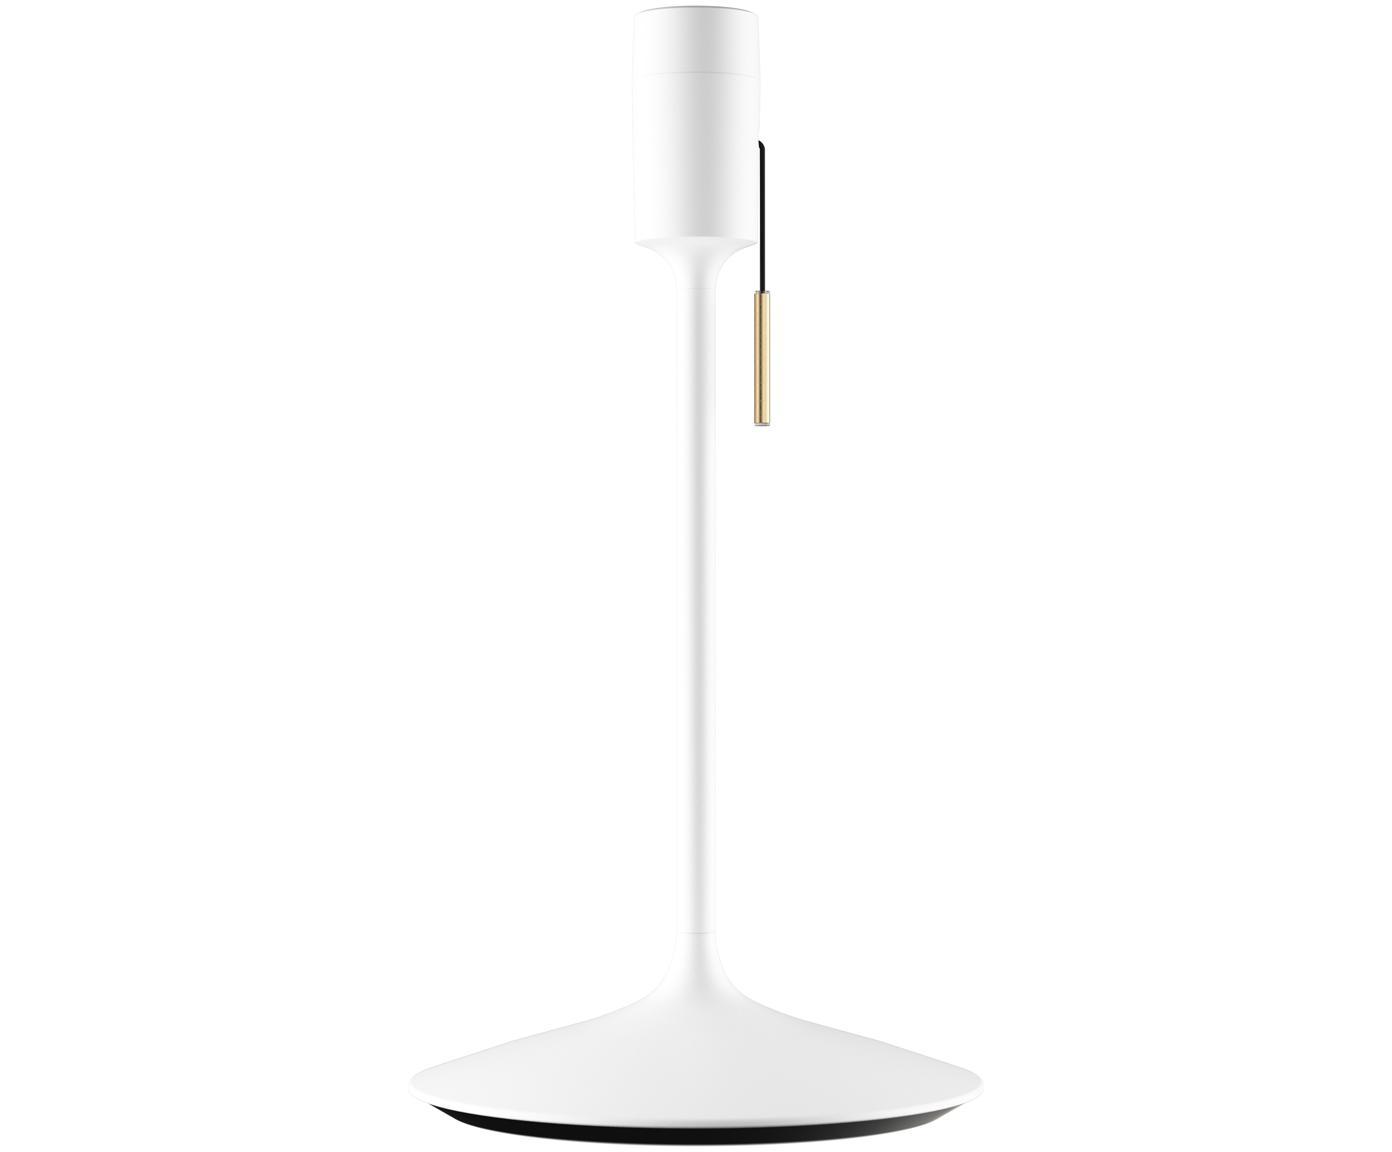 Base de la lámpara de mesa Champagne con puerto USB, Base de la lámpara: aluminio, pintado, Cable: plástico, Blanco, Ø 22 x Al 42 cm